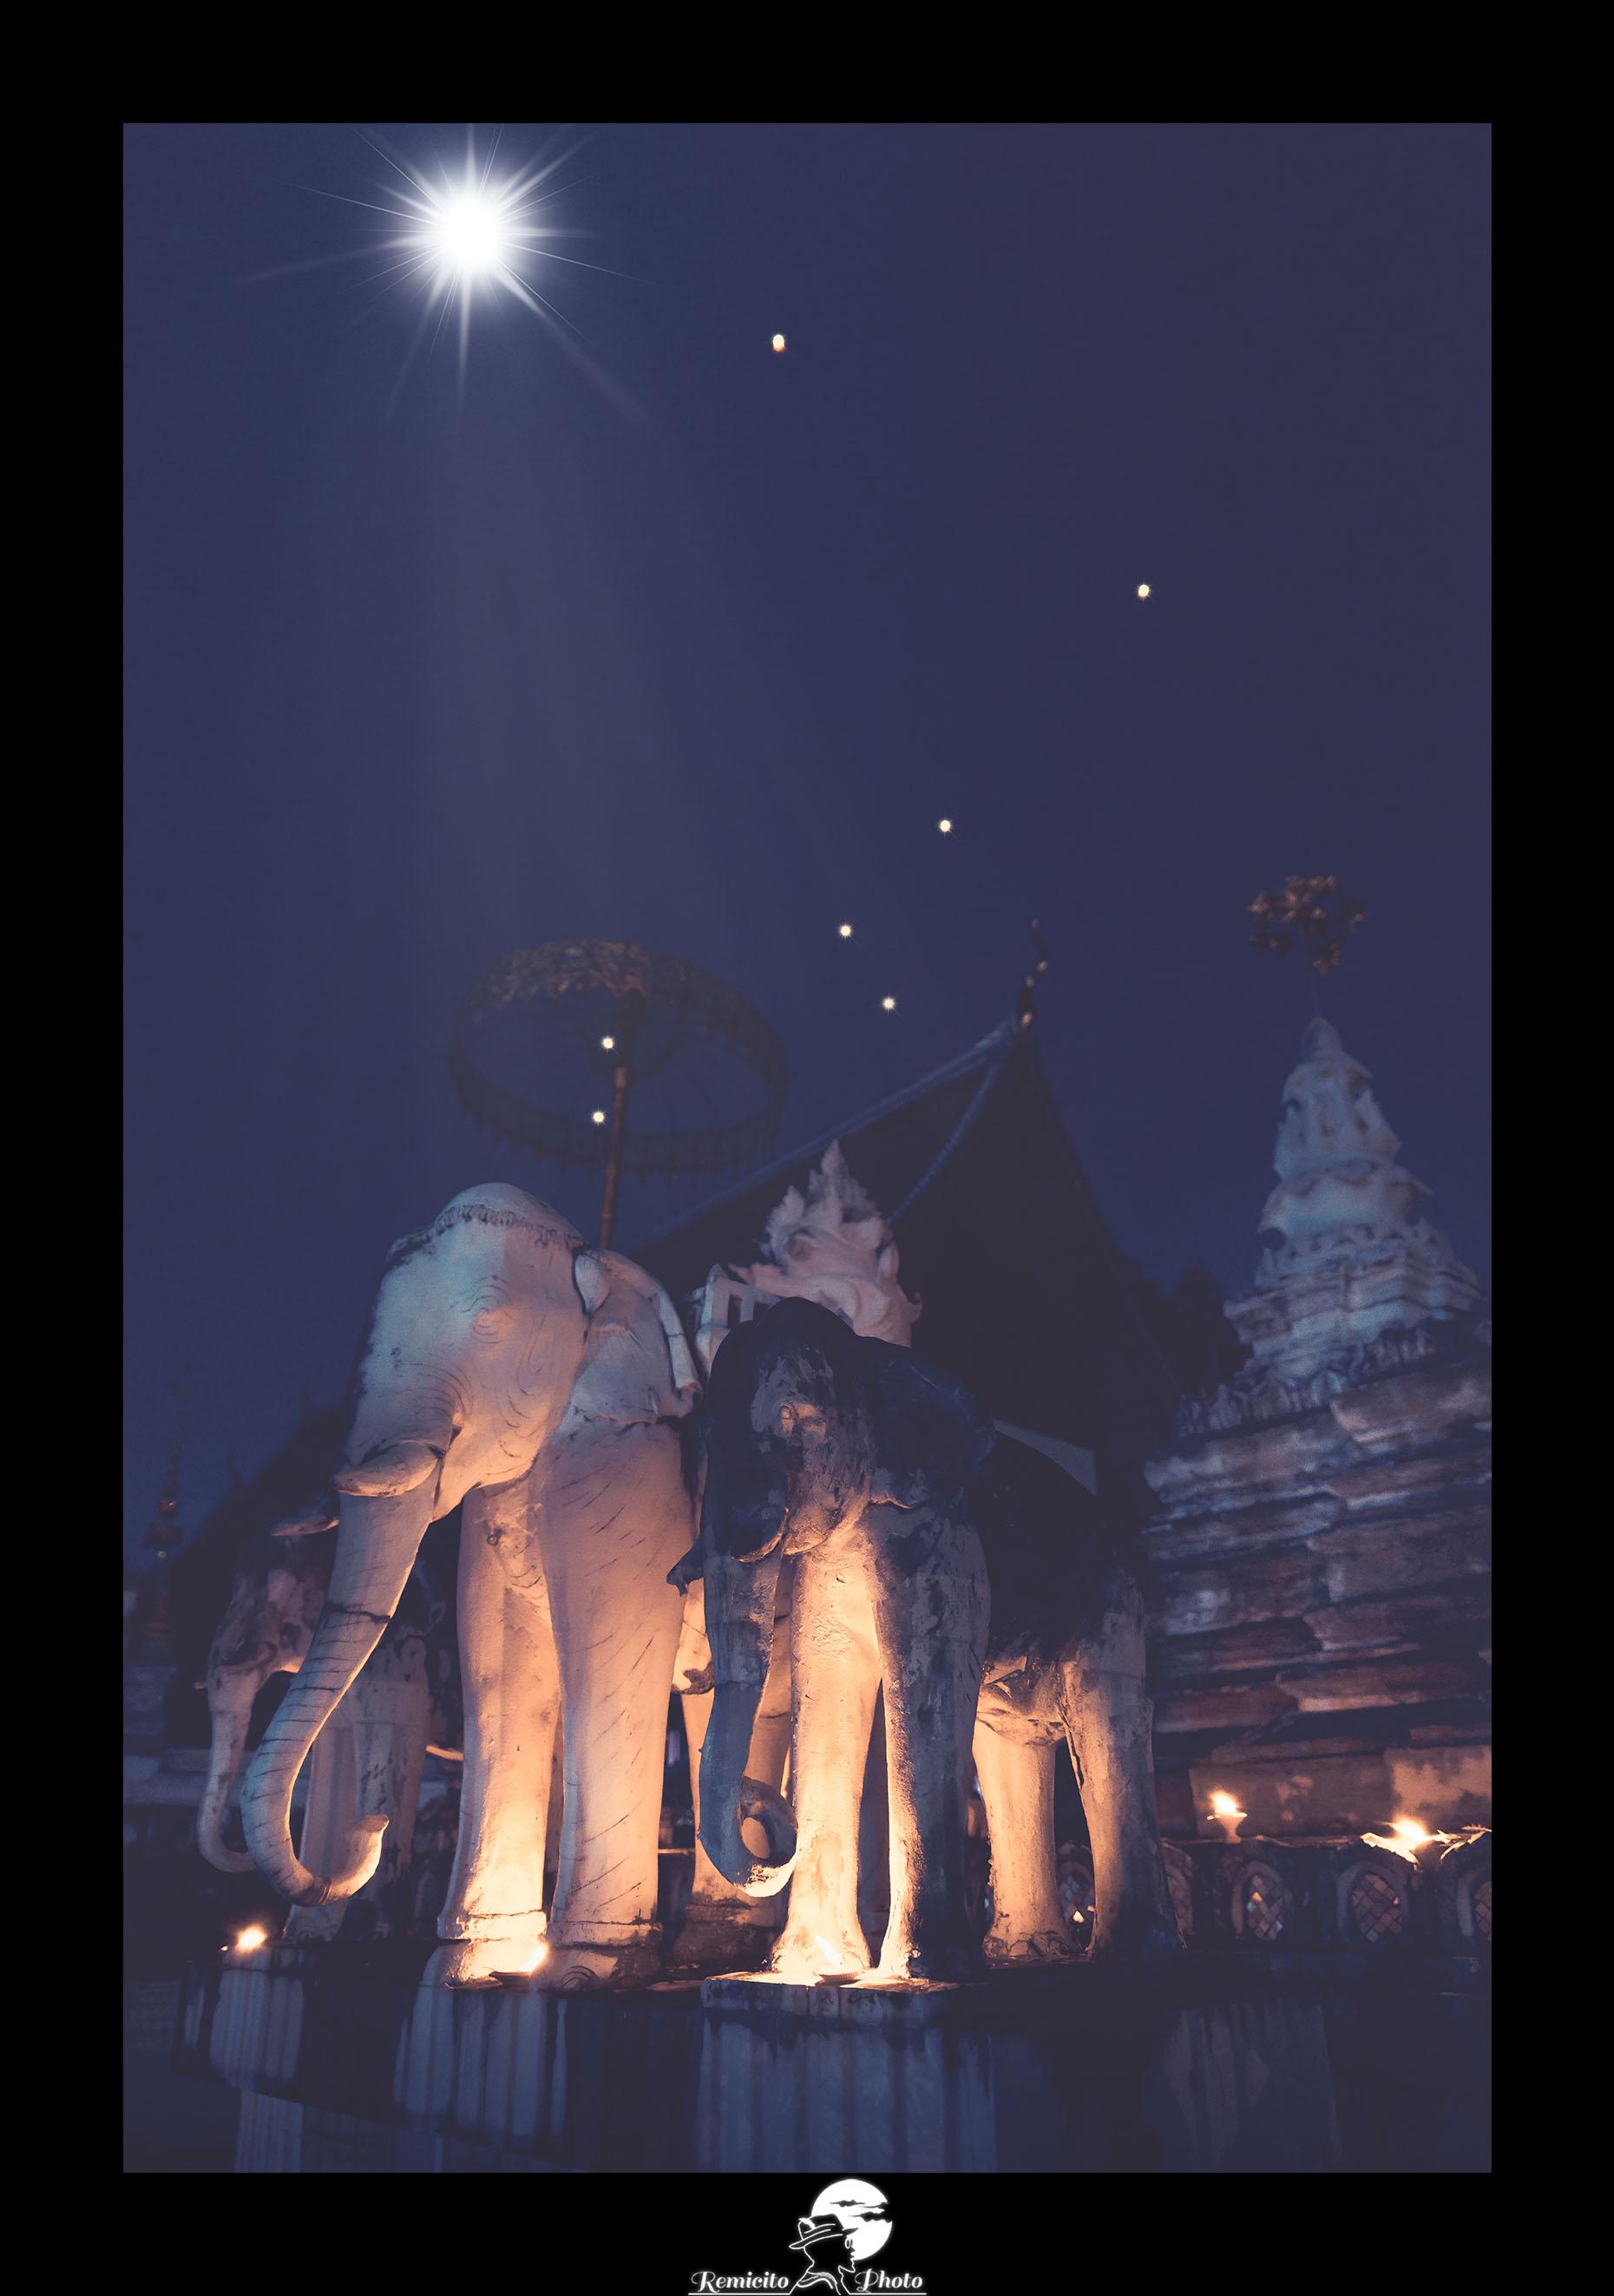 Remicito photo, remicito, image du jour, photo du jour belle image, photo of the day, voyage thaïlande festival lanternes, lanternes ciel de nuit lune, belle photo idée cadeau lanterne